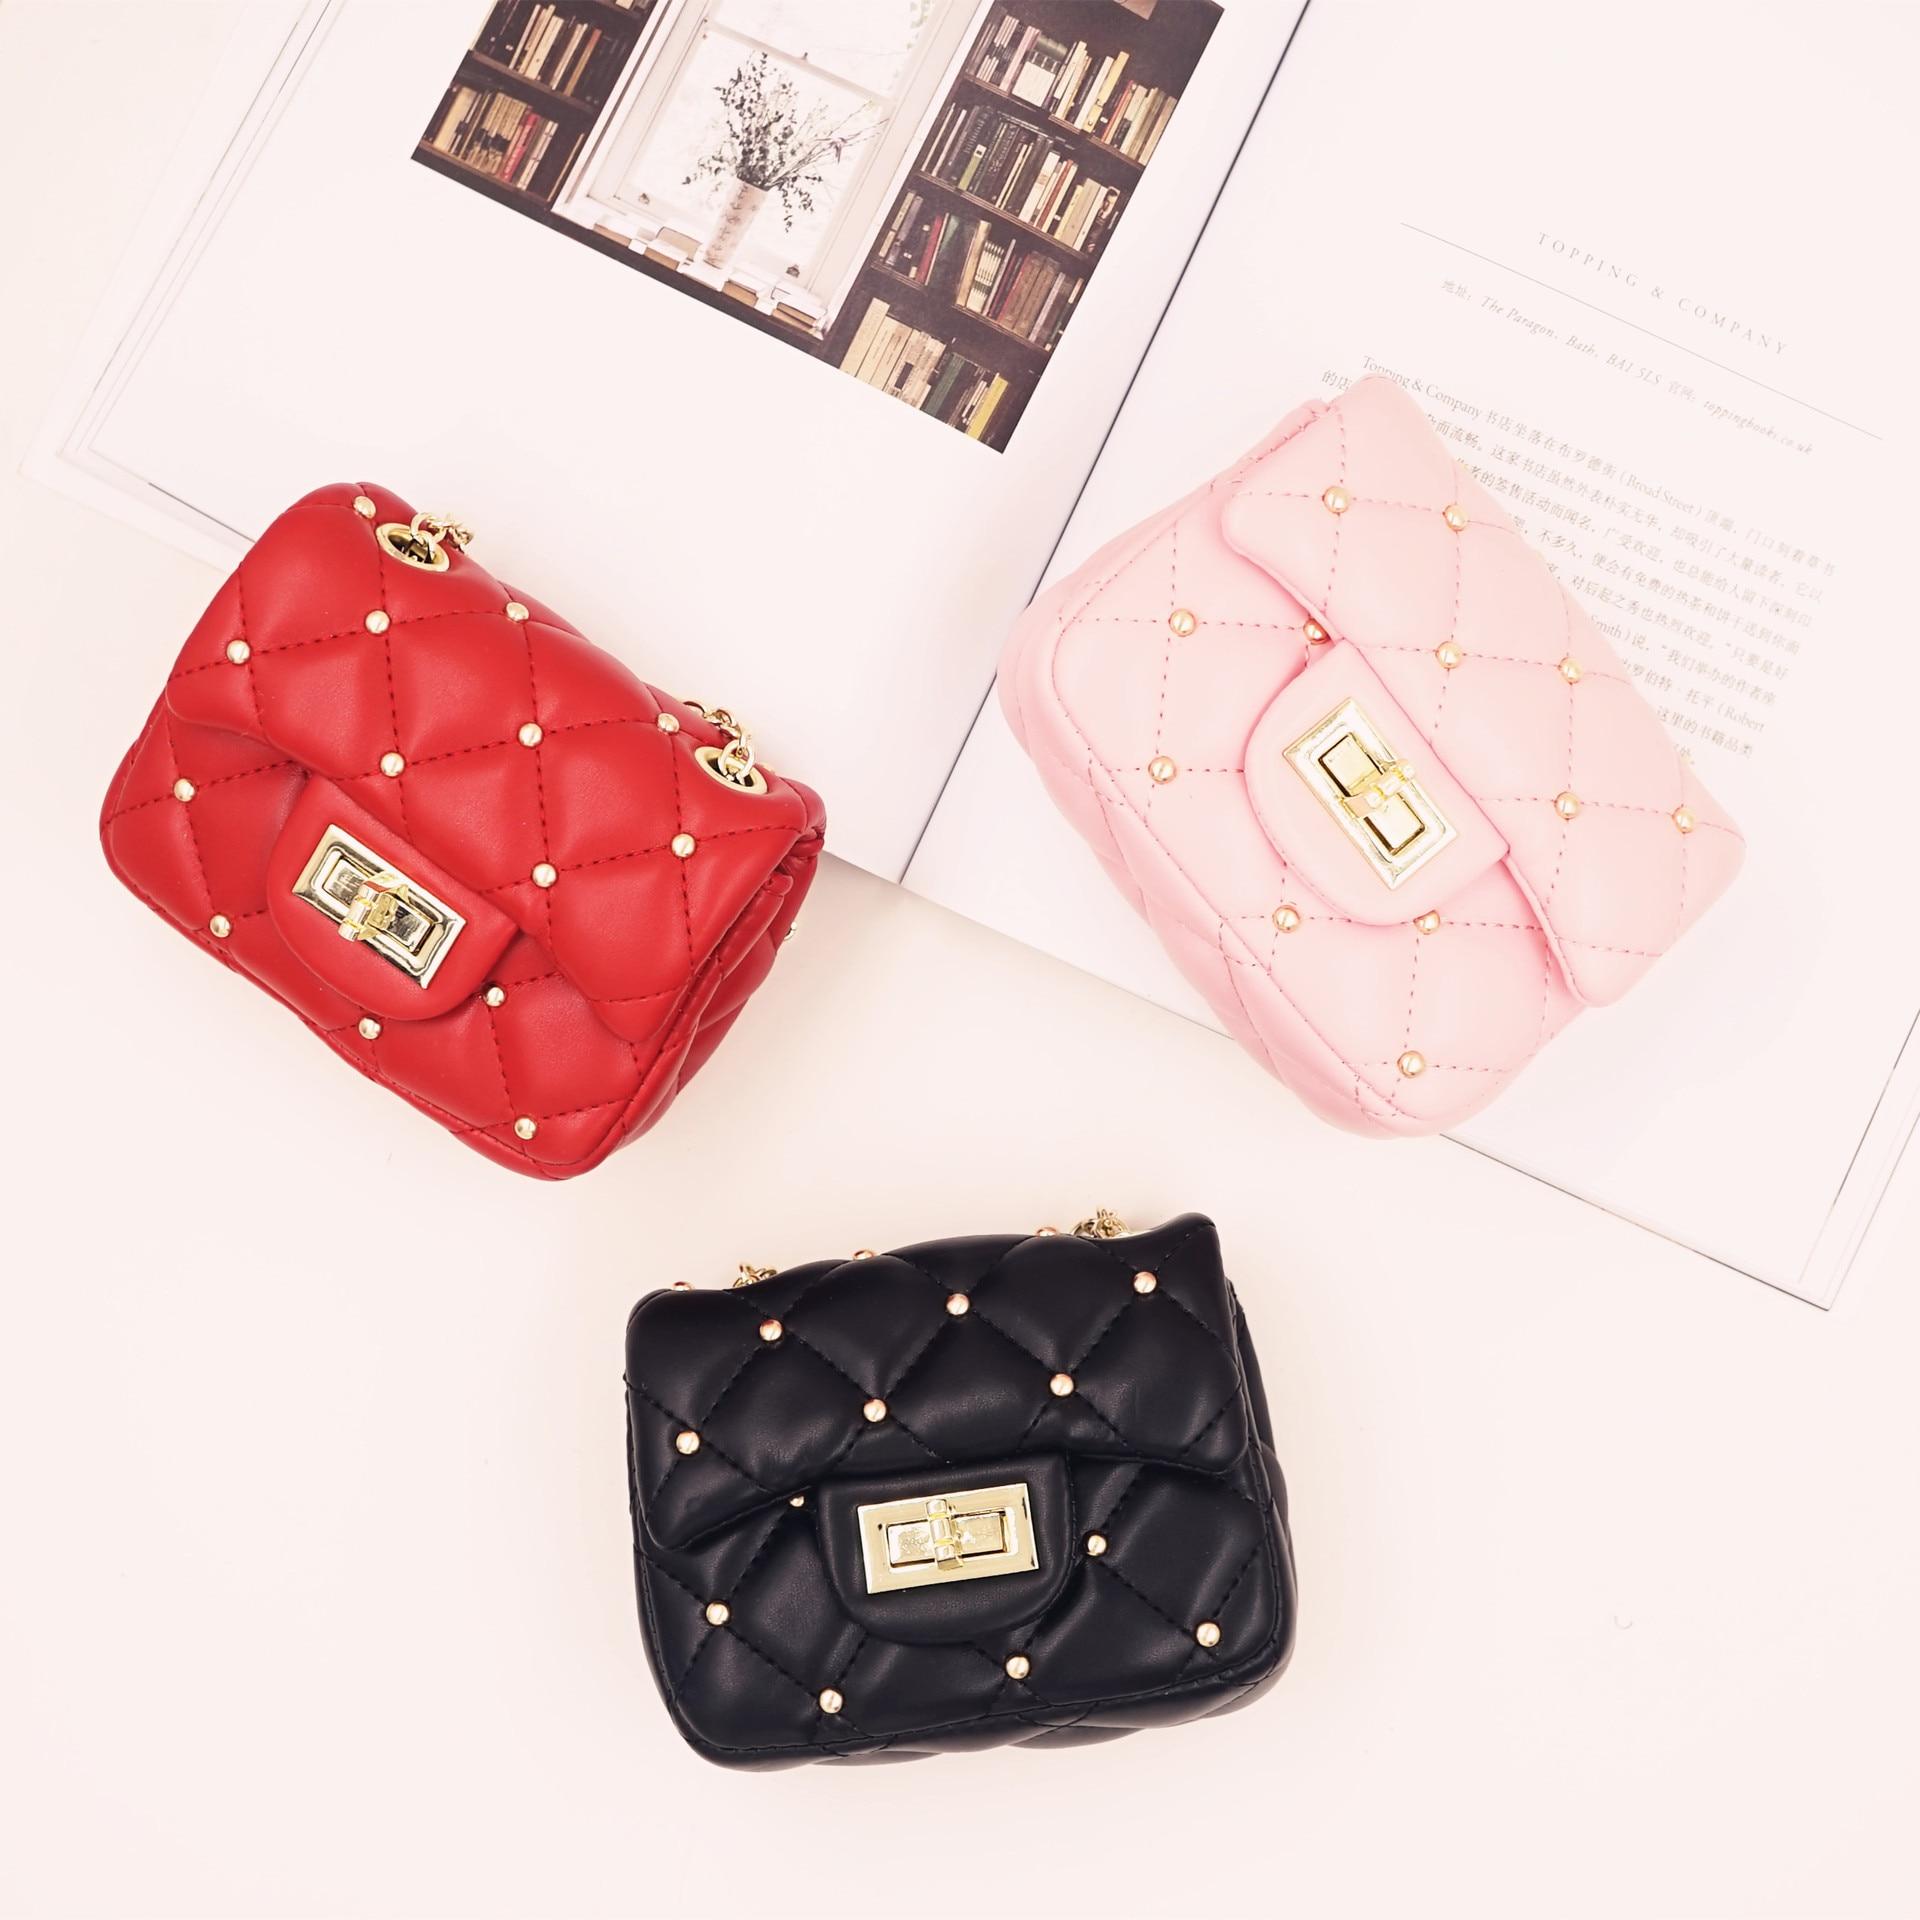 Kids Baby Girl Mini Bag Fashion Cute Girl Bag PU Leather Rivet Bags Princess Messenger Bag Korea Girl Chain Bag Fast Shipping